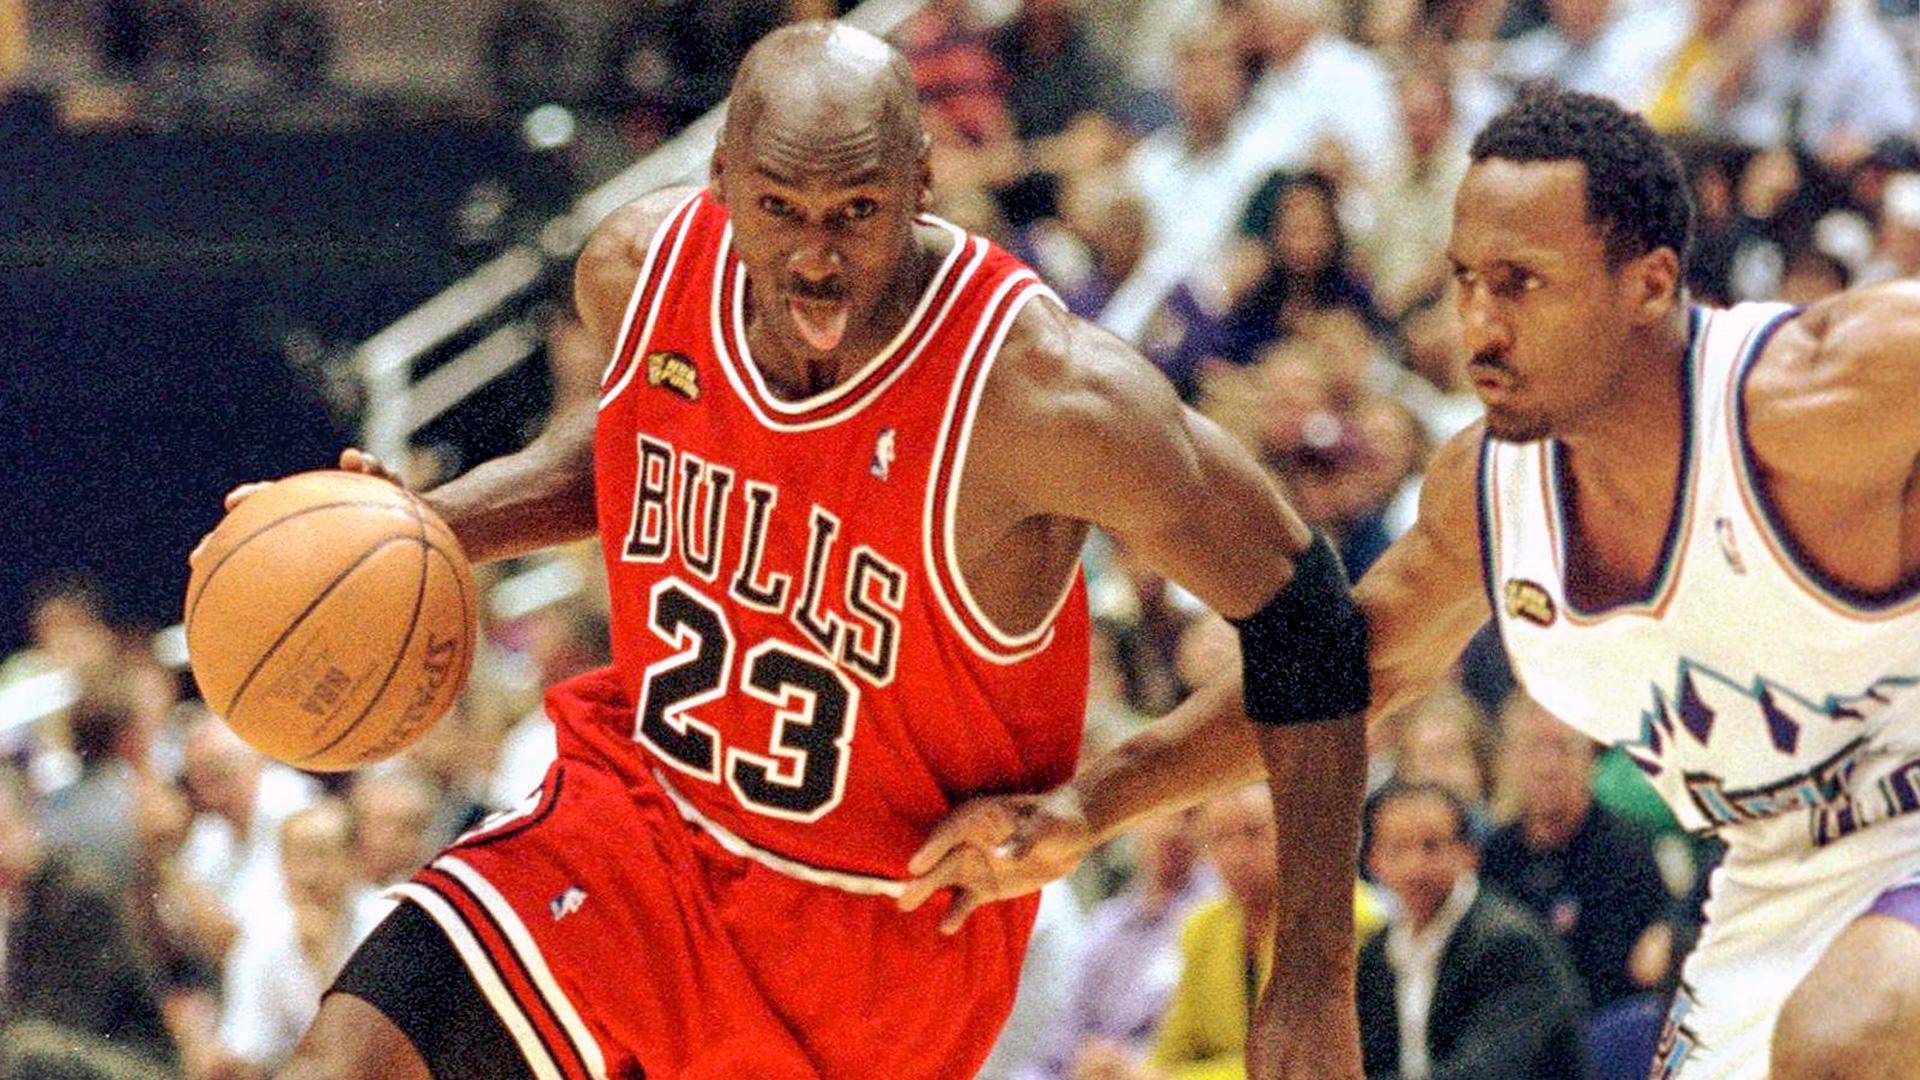 Michael Jordan contra LeBron James, drama de Dennis Rodman y más: 10 grandes preguntas antes de 'The Last Dance' 14